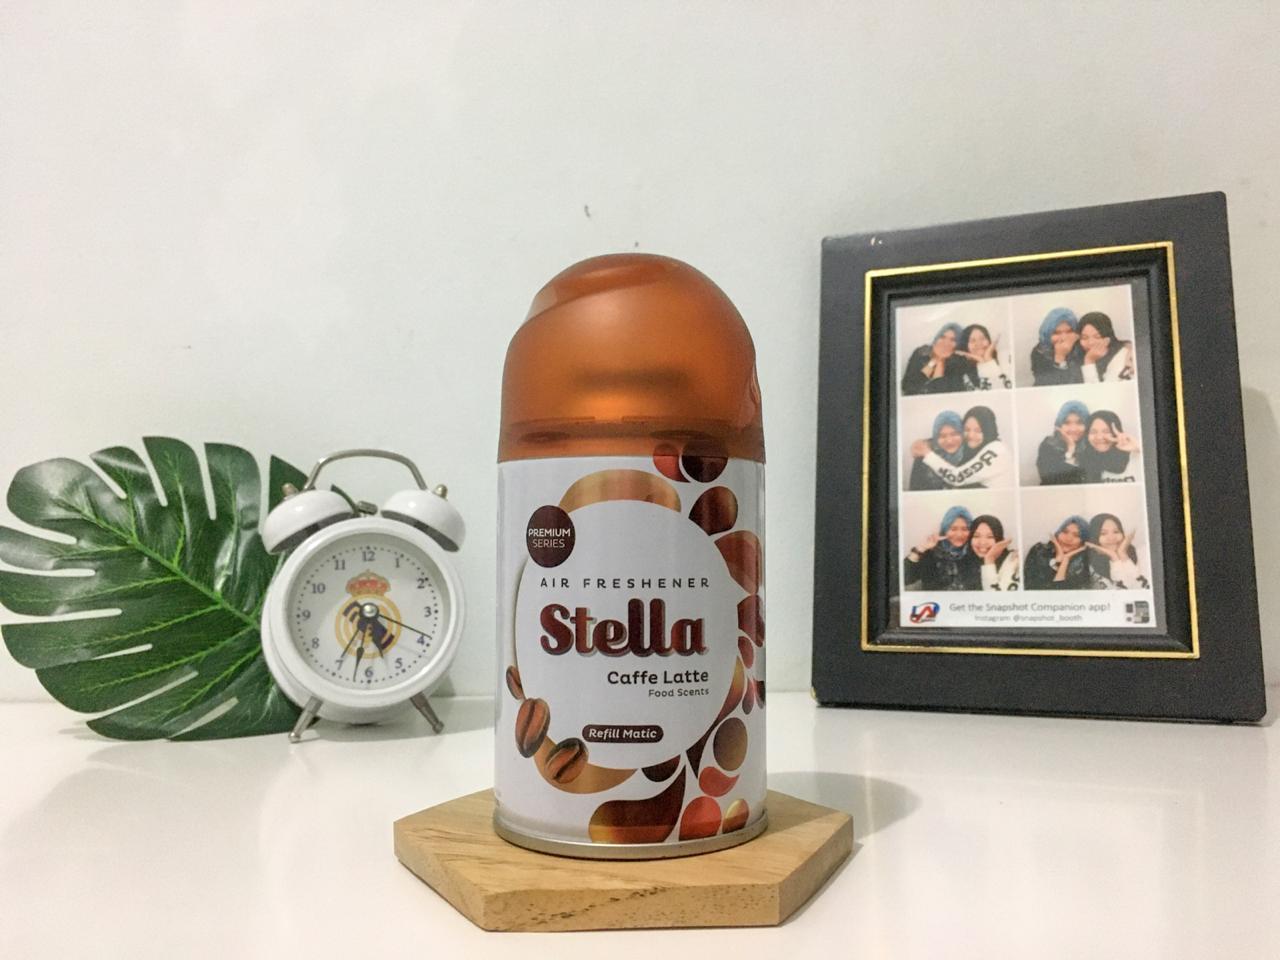 pengharum ruangan stella aroma kopi